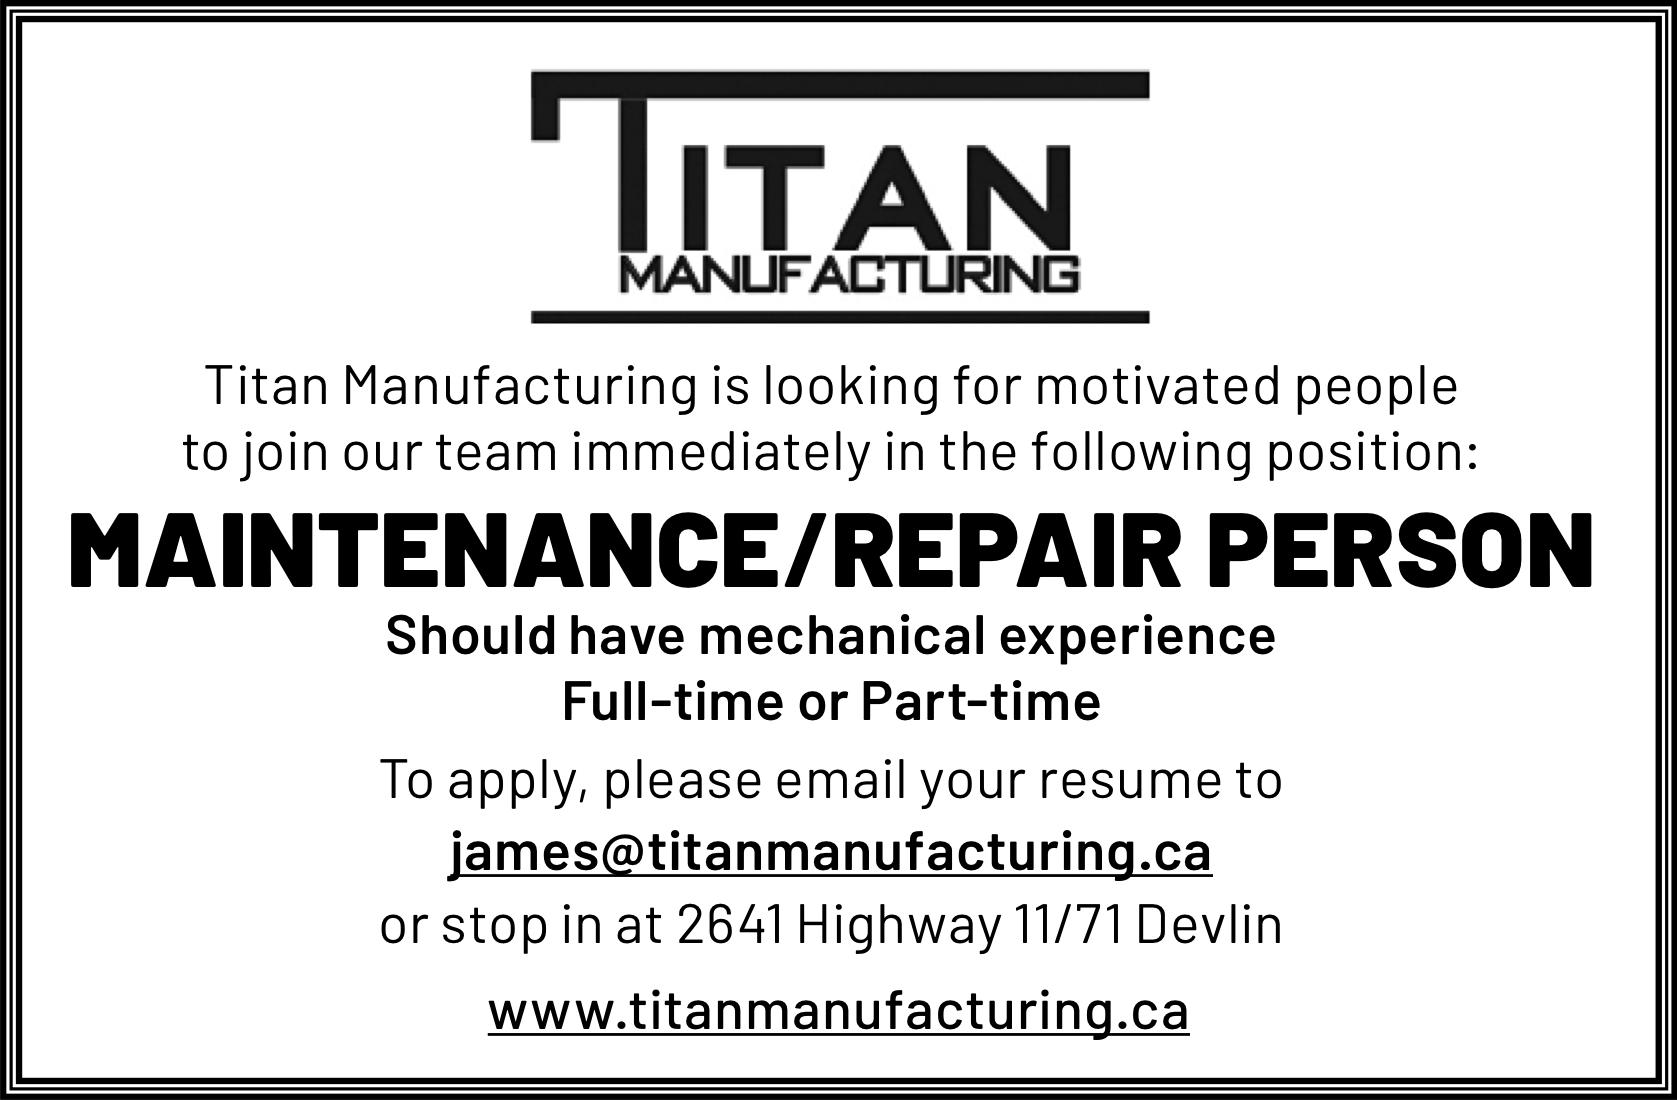 Maintenance/Repair Person